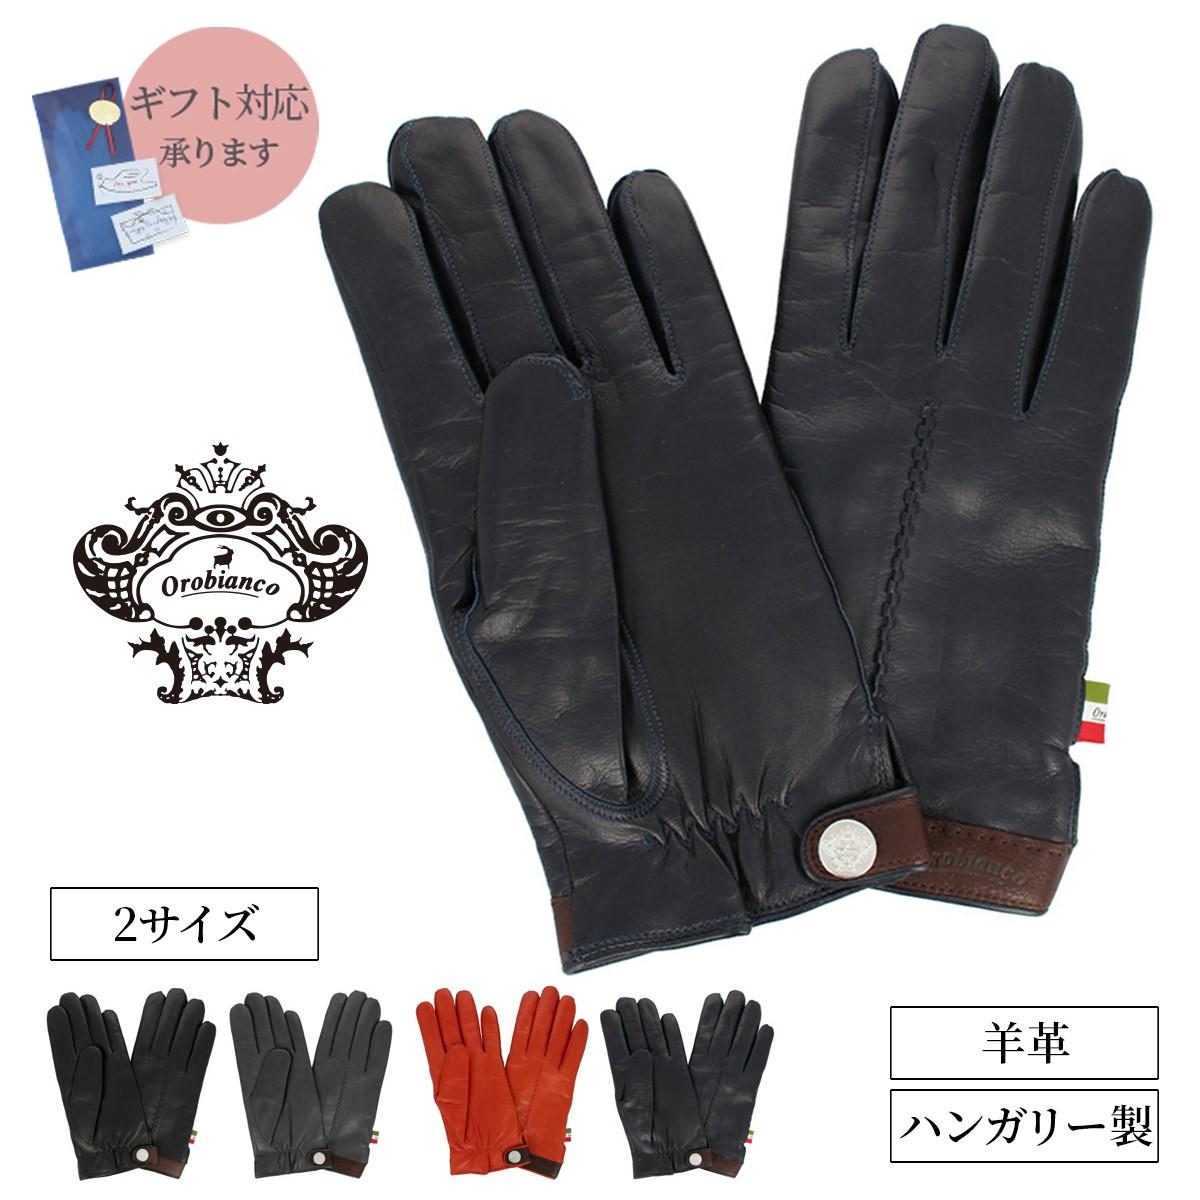 オロビアンコ 高級鹿革 メンズ レザー手袋 ニット裏地付き Mサイズ MLサイズ 全4色